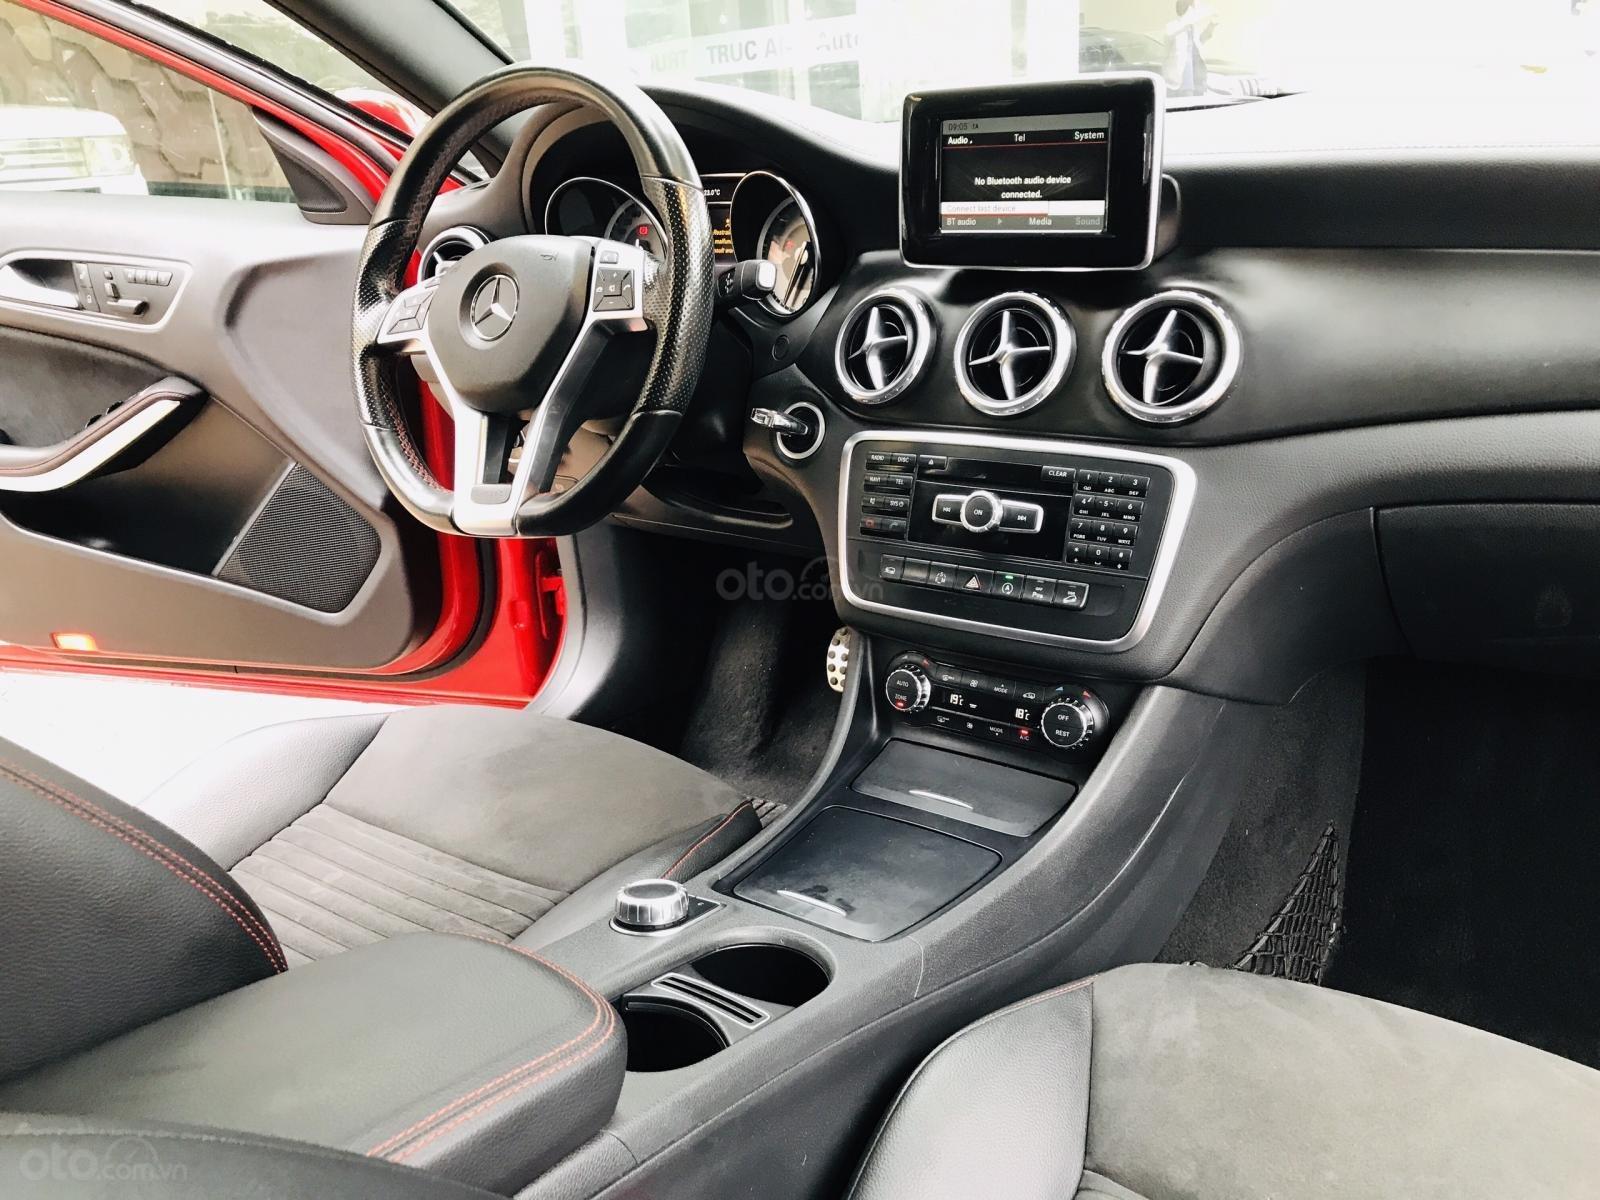 Bán ô tô Mercedes GLA 250 4Matic đời 2016, màu đỏ, nhập khẩu nguyên chiếc (20)